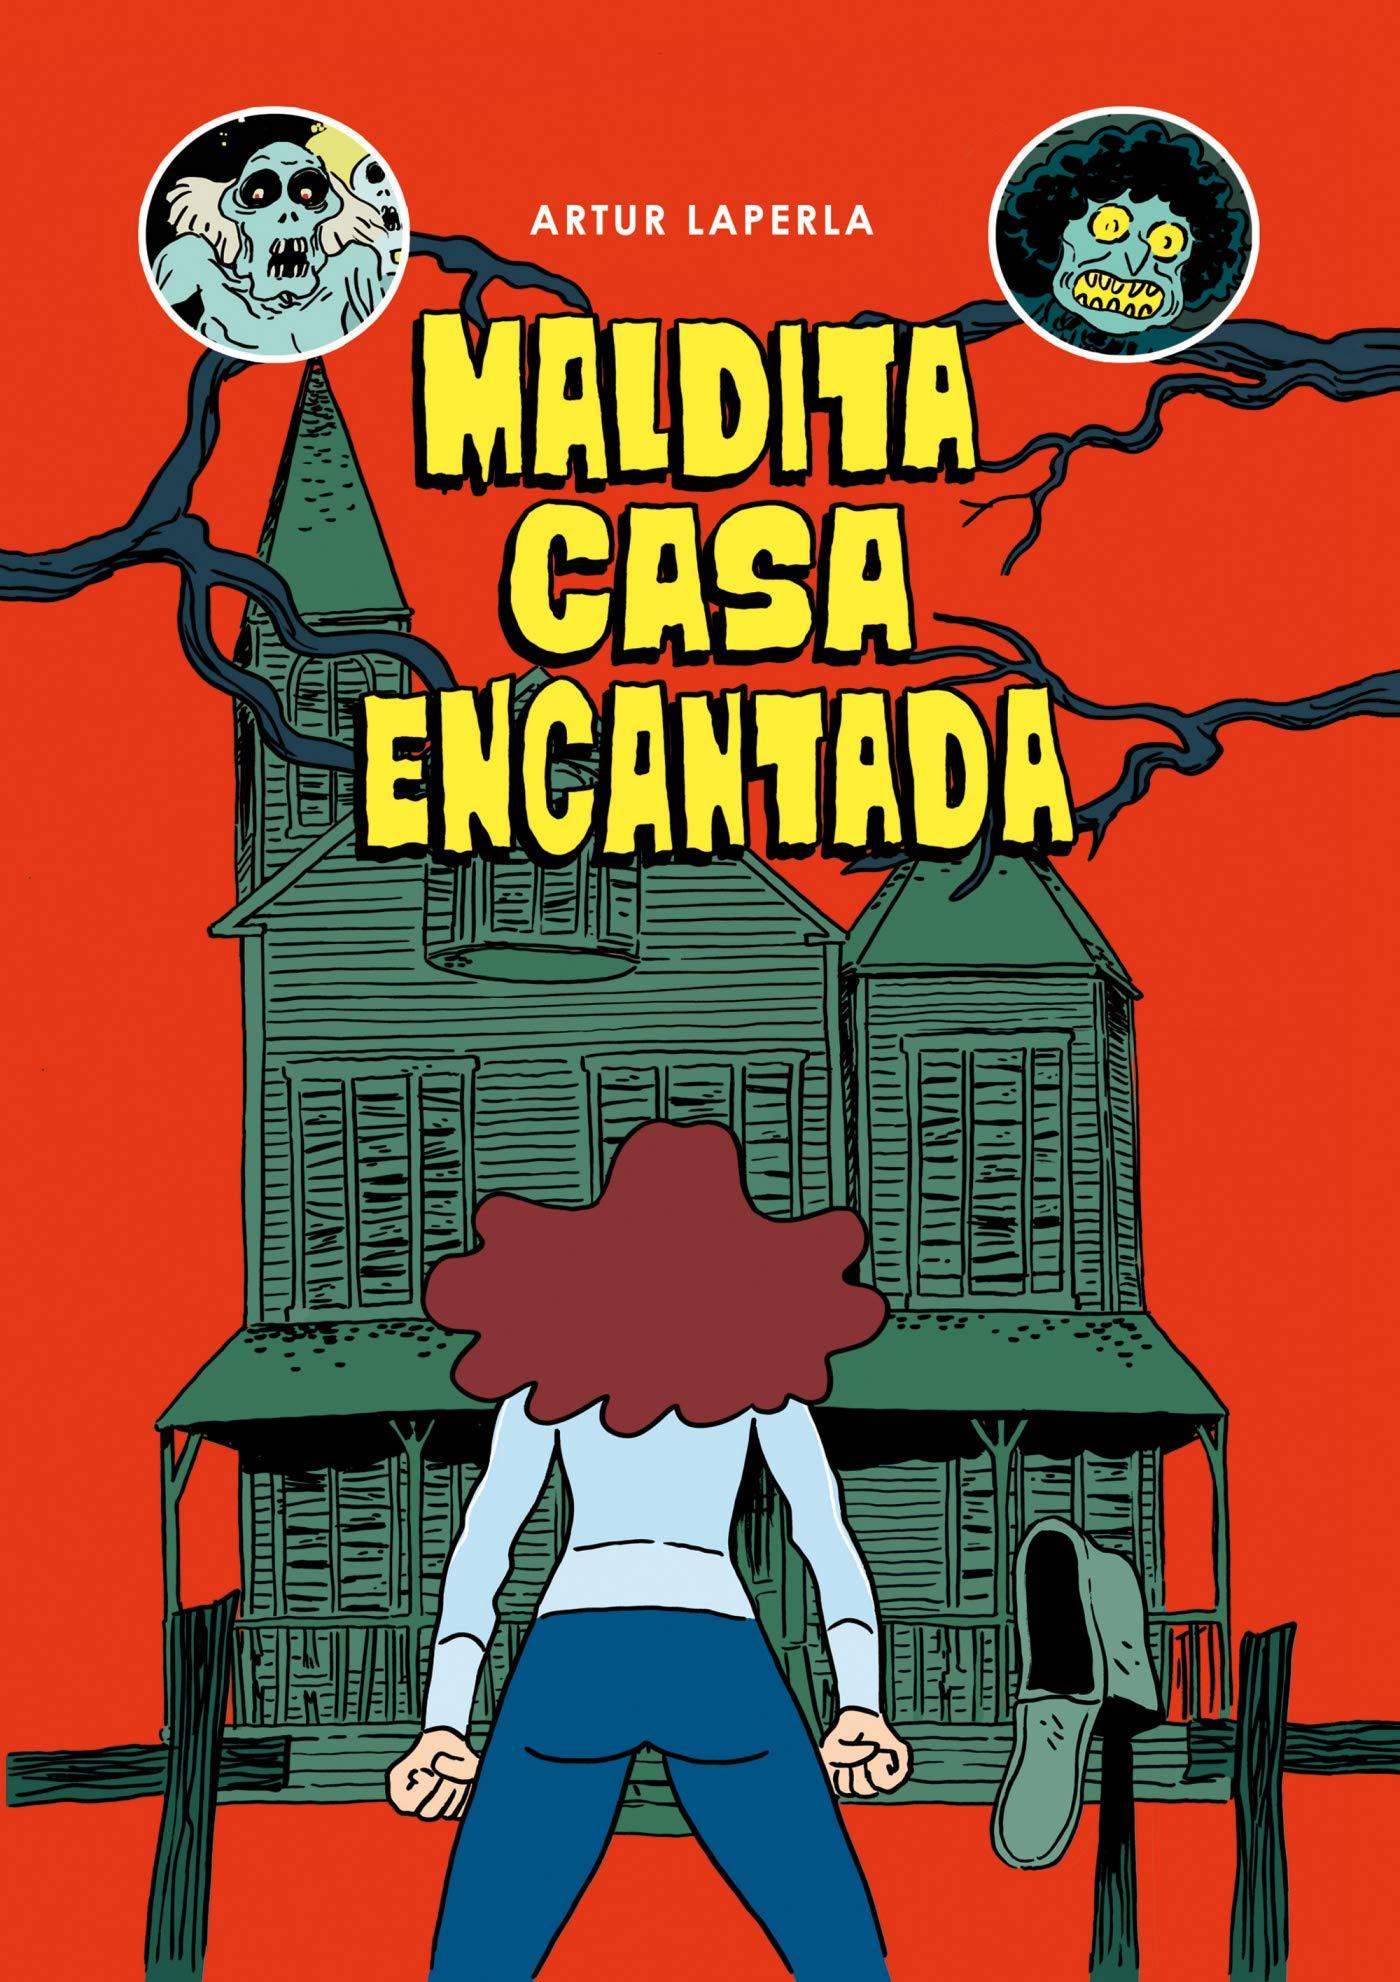 Maldita casa encantada (Cómic / Nov. Gráfica): Amazon.es: Laperla, Artur: Libros